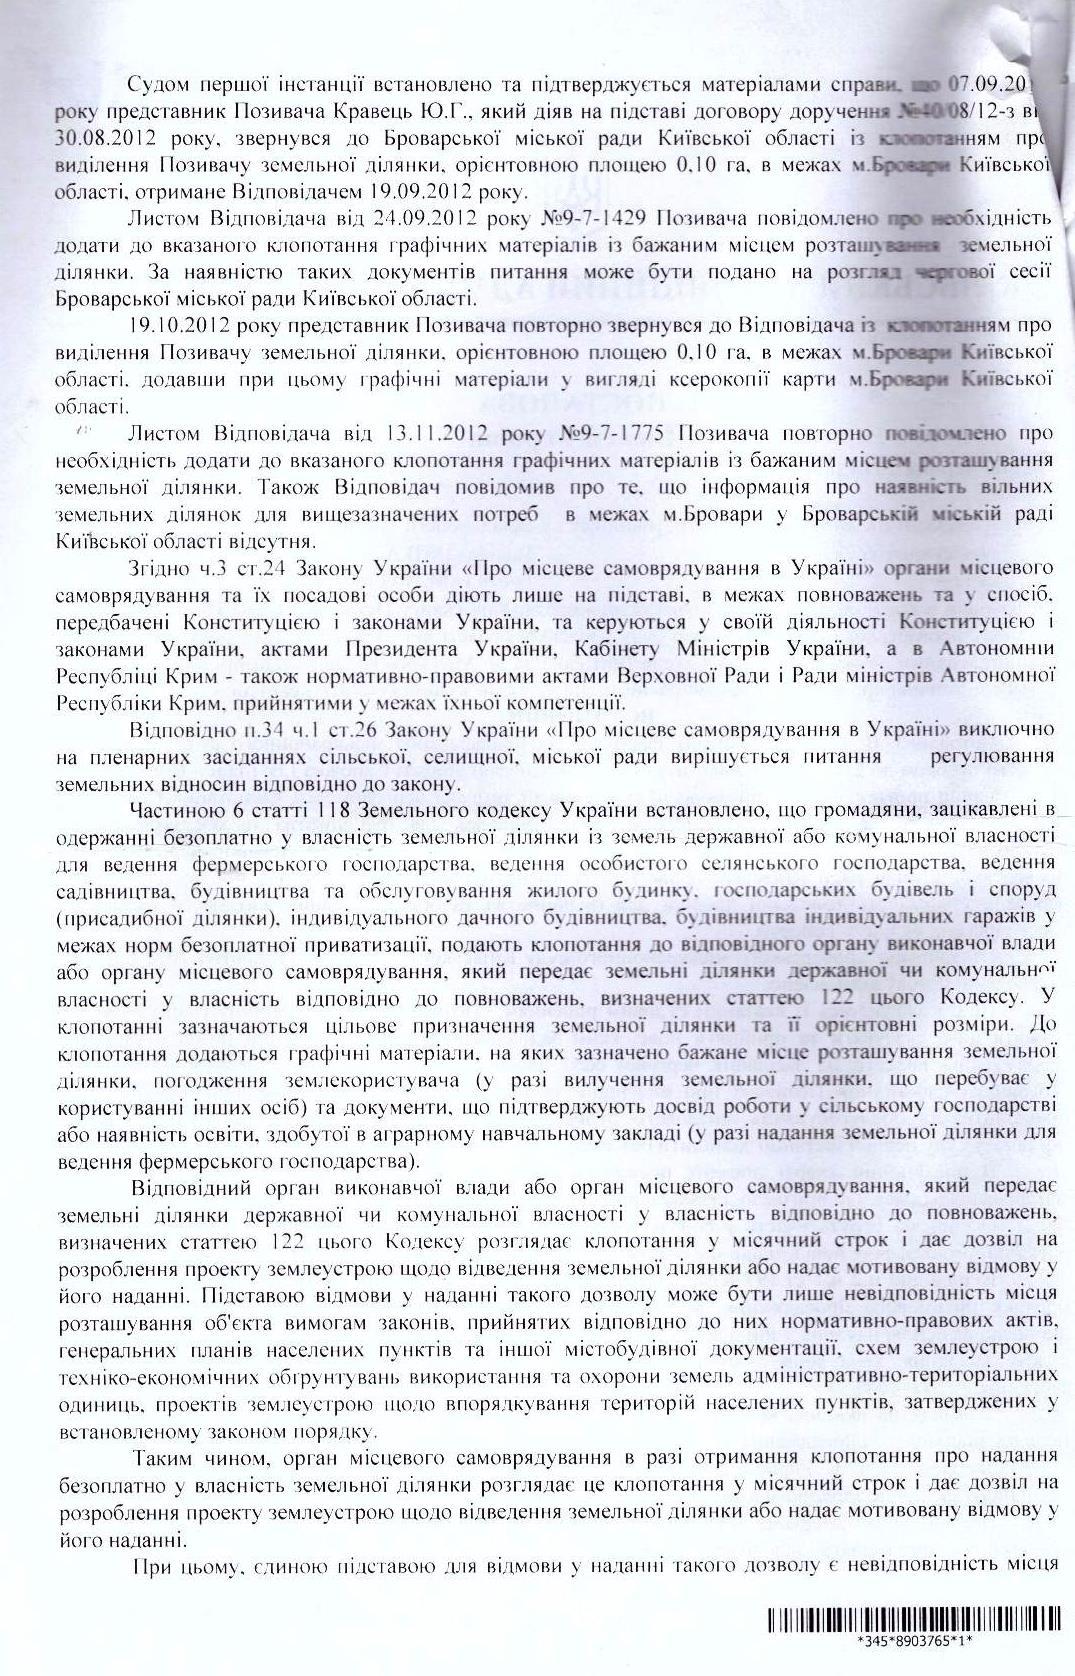 Київський апеляційний адмінсуд3